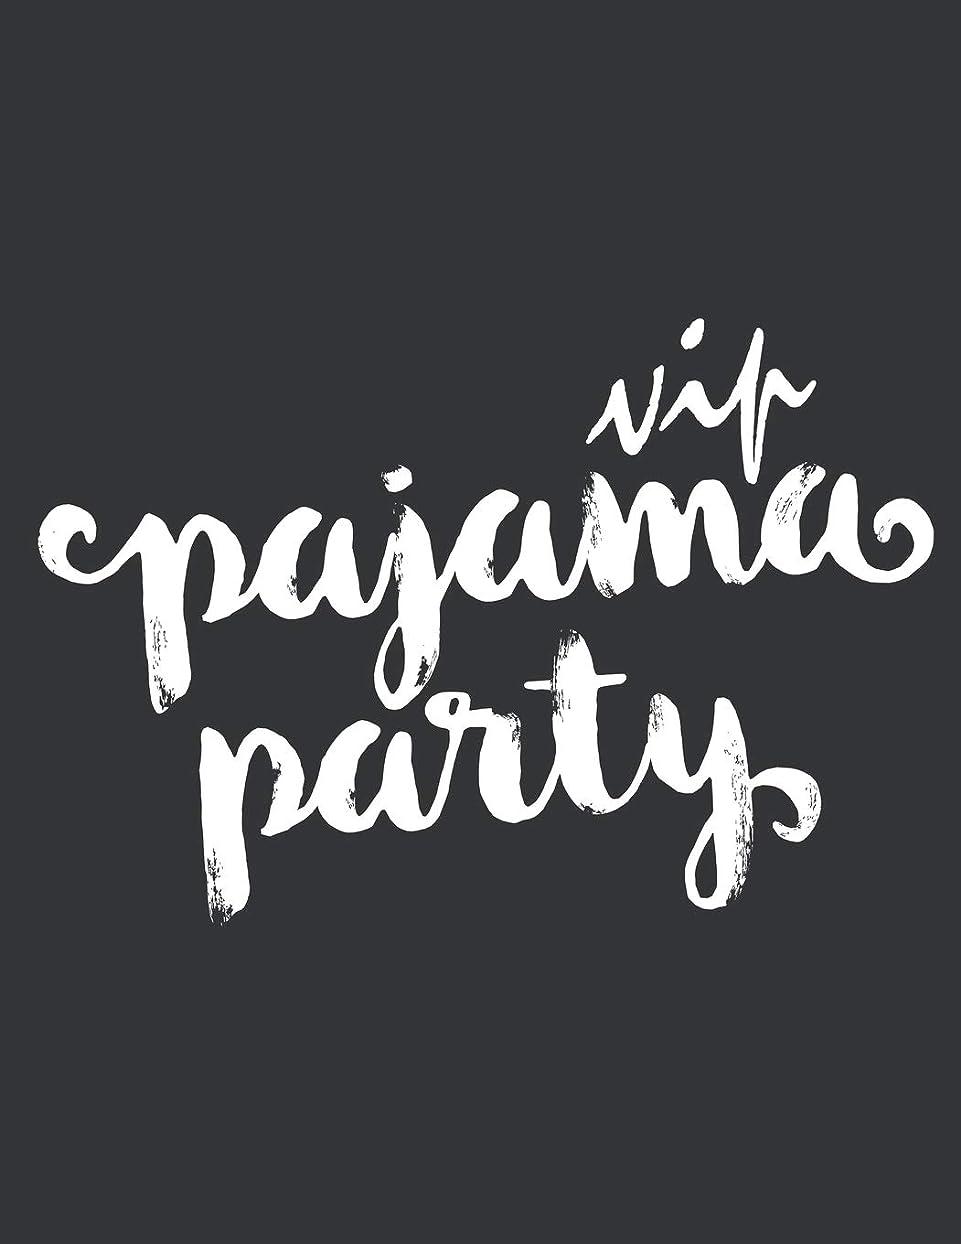 アマチュア伝記楽しいNotebook: Pajama Party VIP Funny & Cute Sleepover Journal & Doodle Diary; 120 White Paper Numbered Plain Pages for Writing and Drawing - 8.5x11 in.